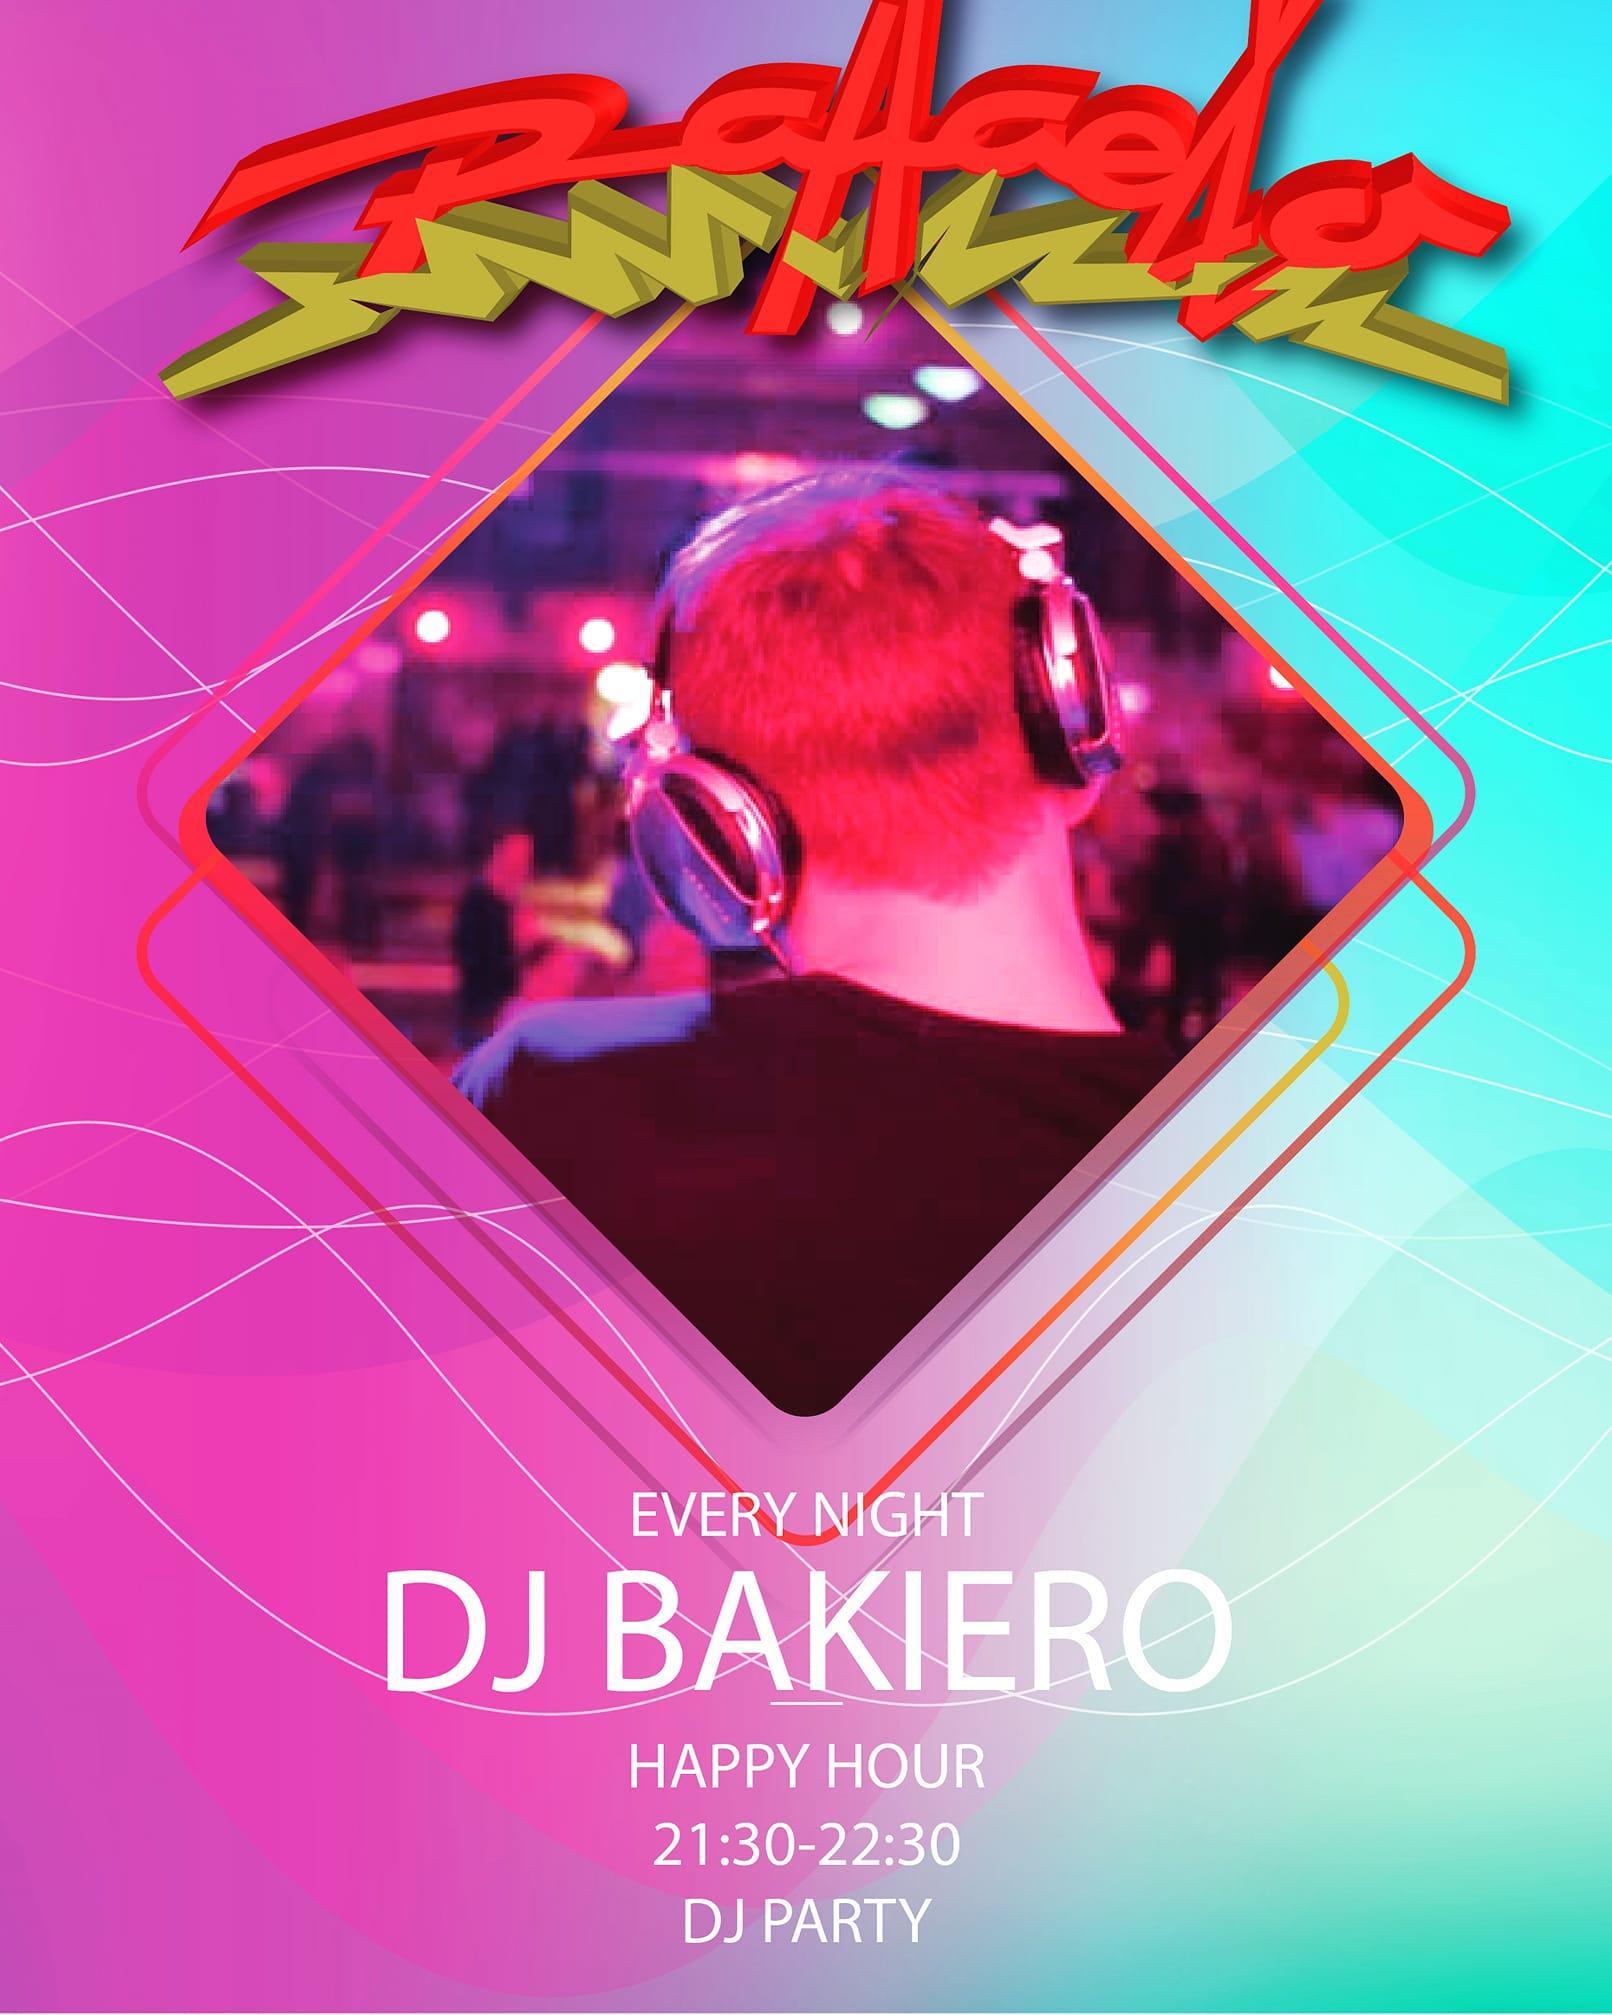 DJ Bakiero